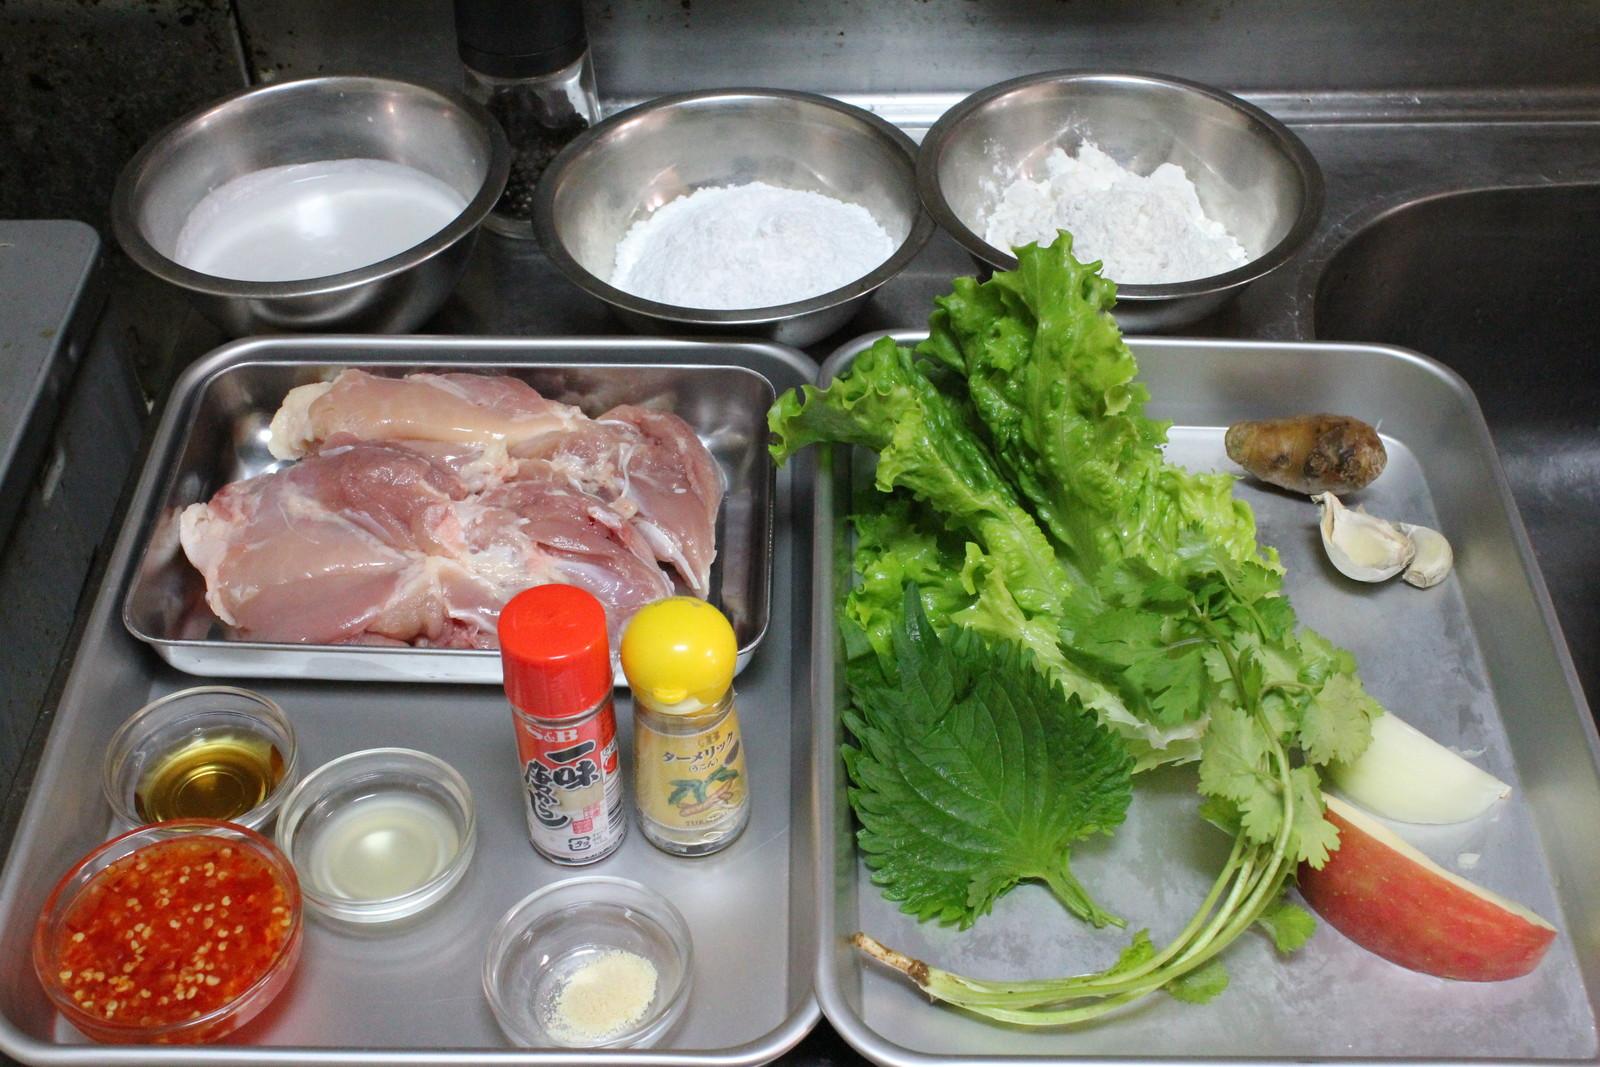 〈作り方〉 ①鶏肉、リンゴ(皮付きのまま)、玉ねぎをそれぞれ一口大に切る。